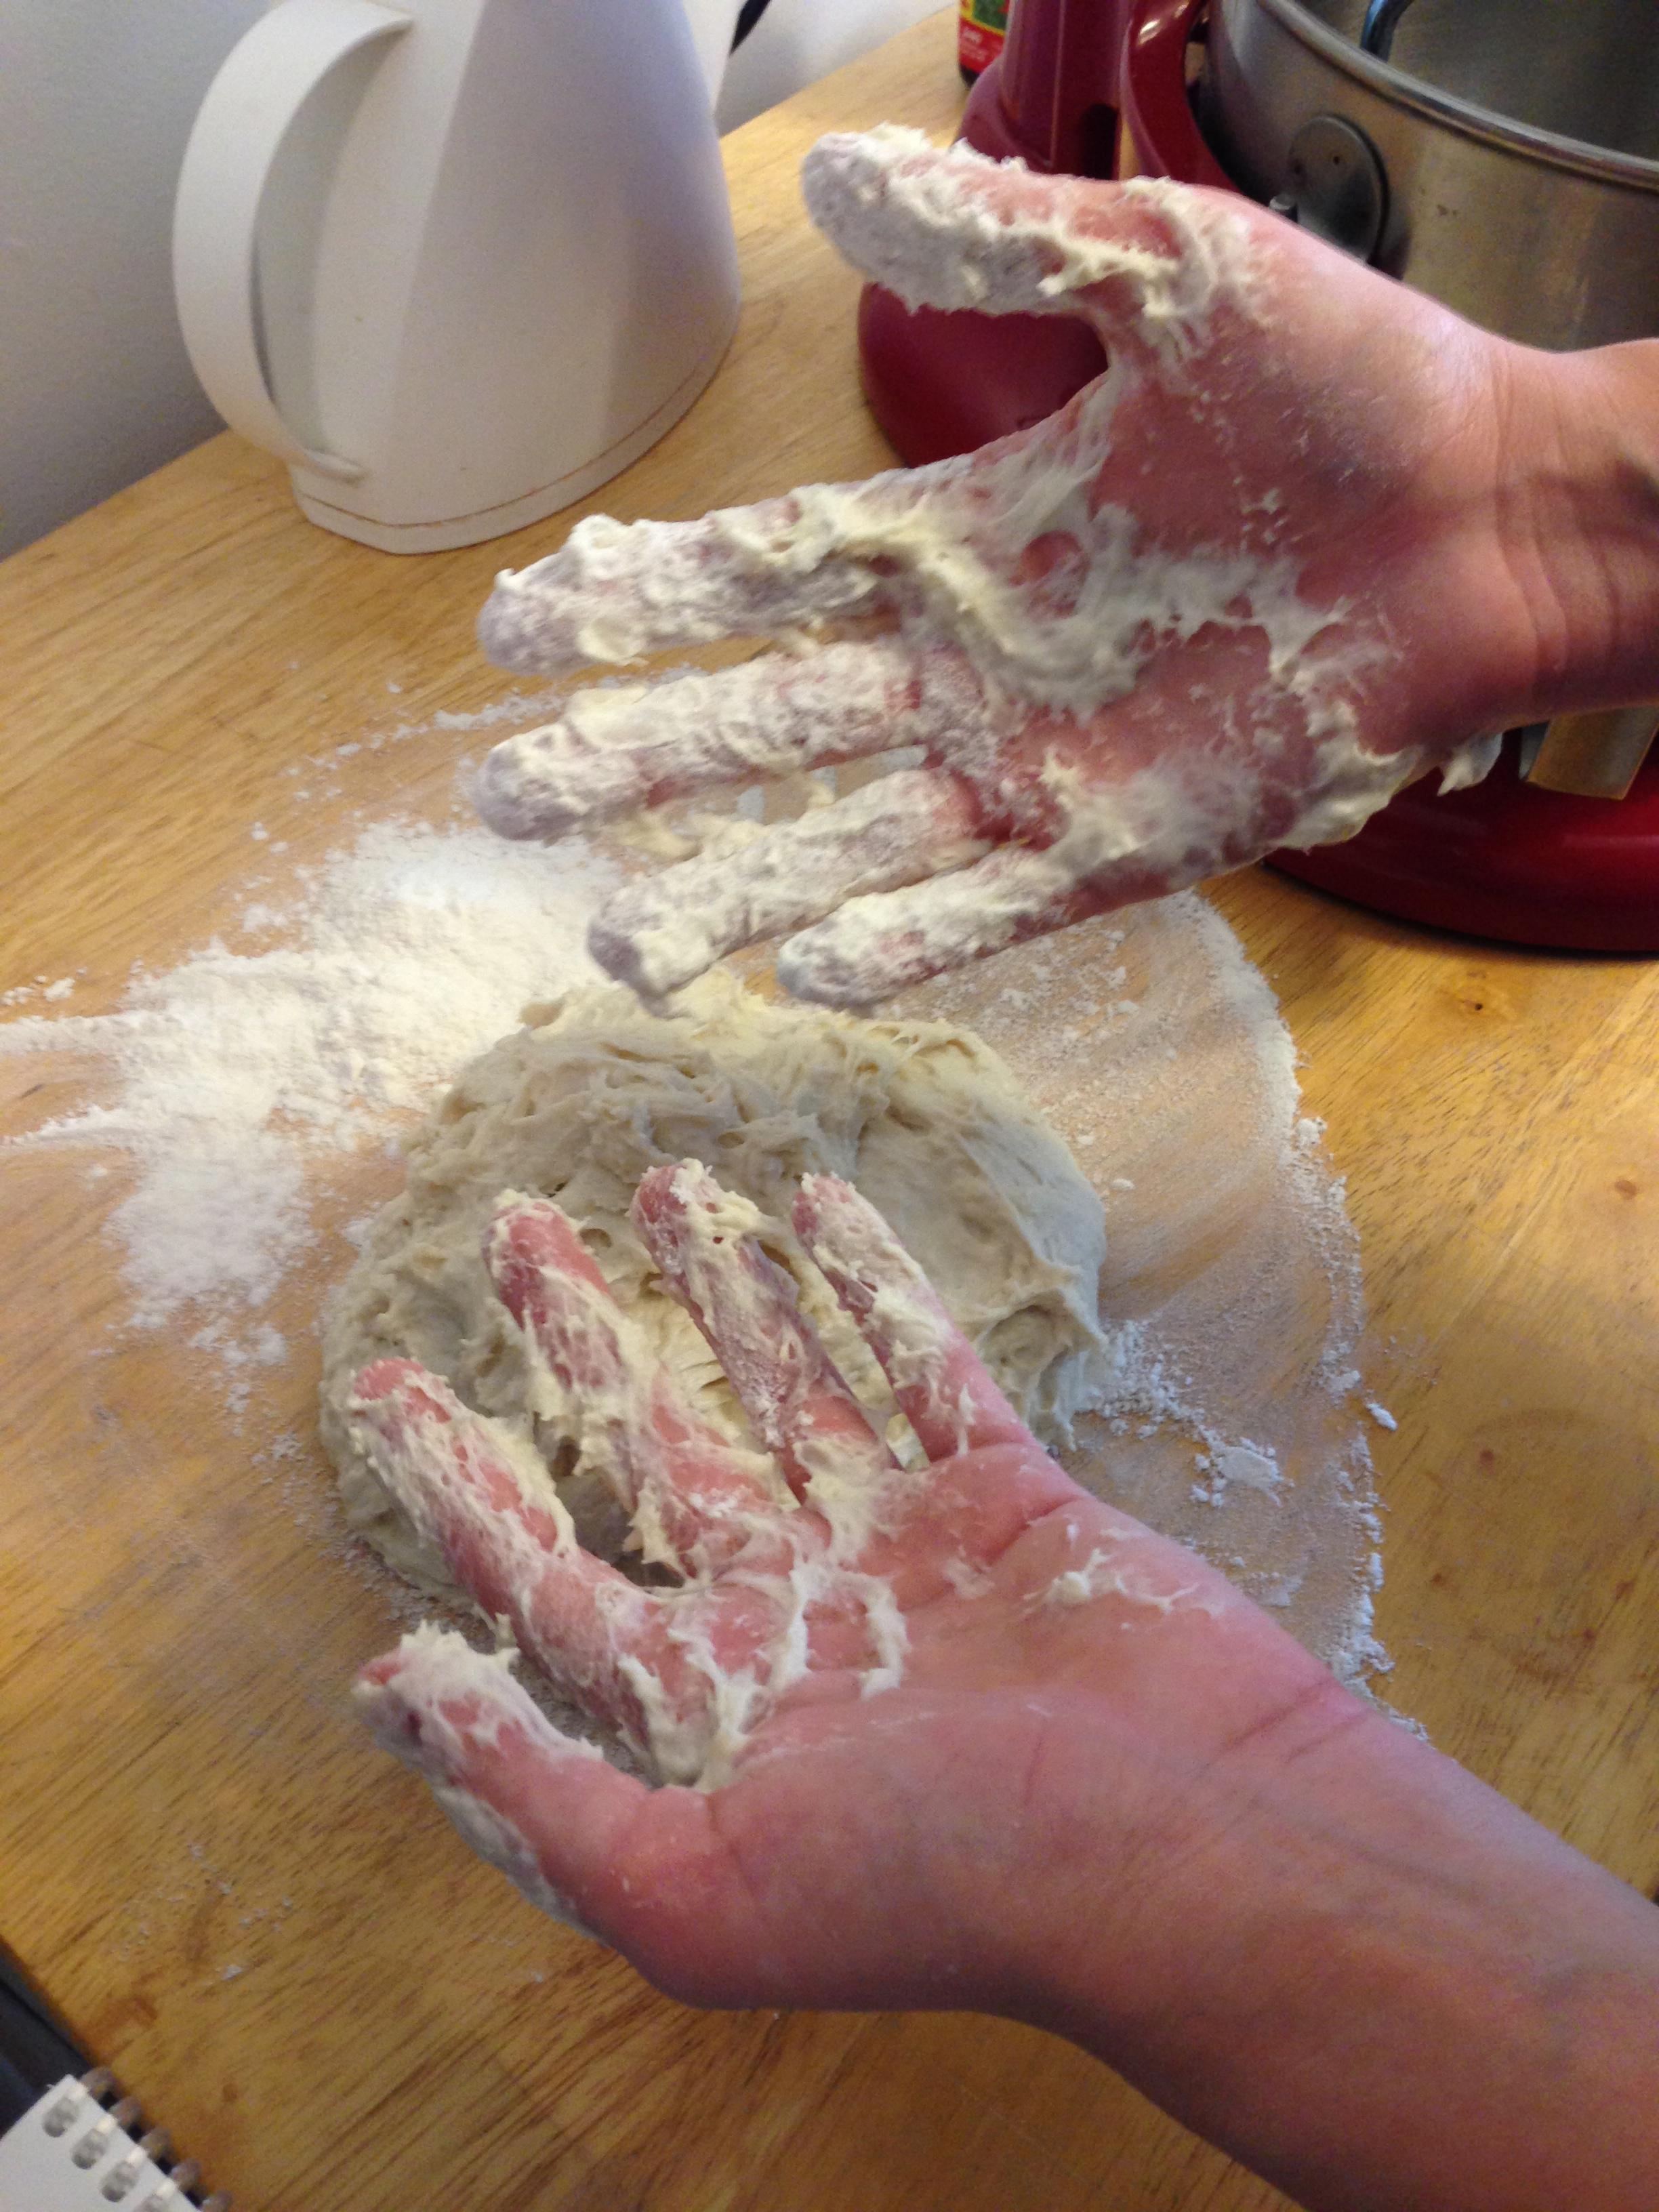 Really sticky dough